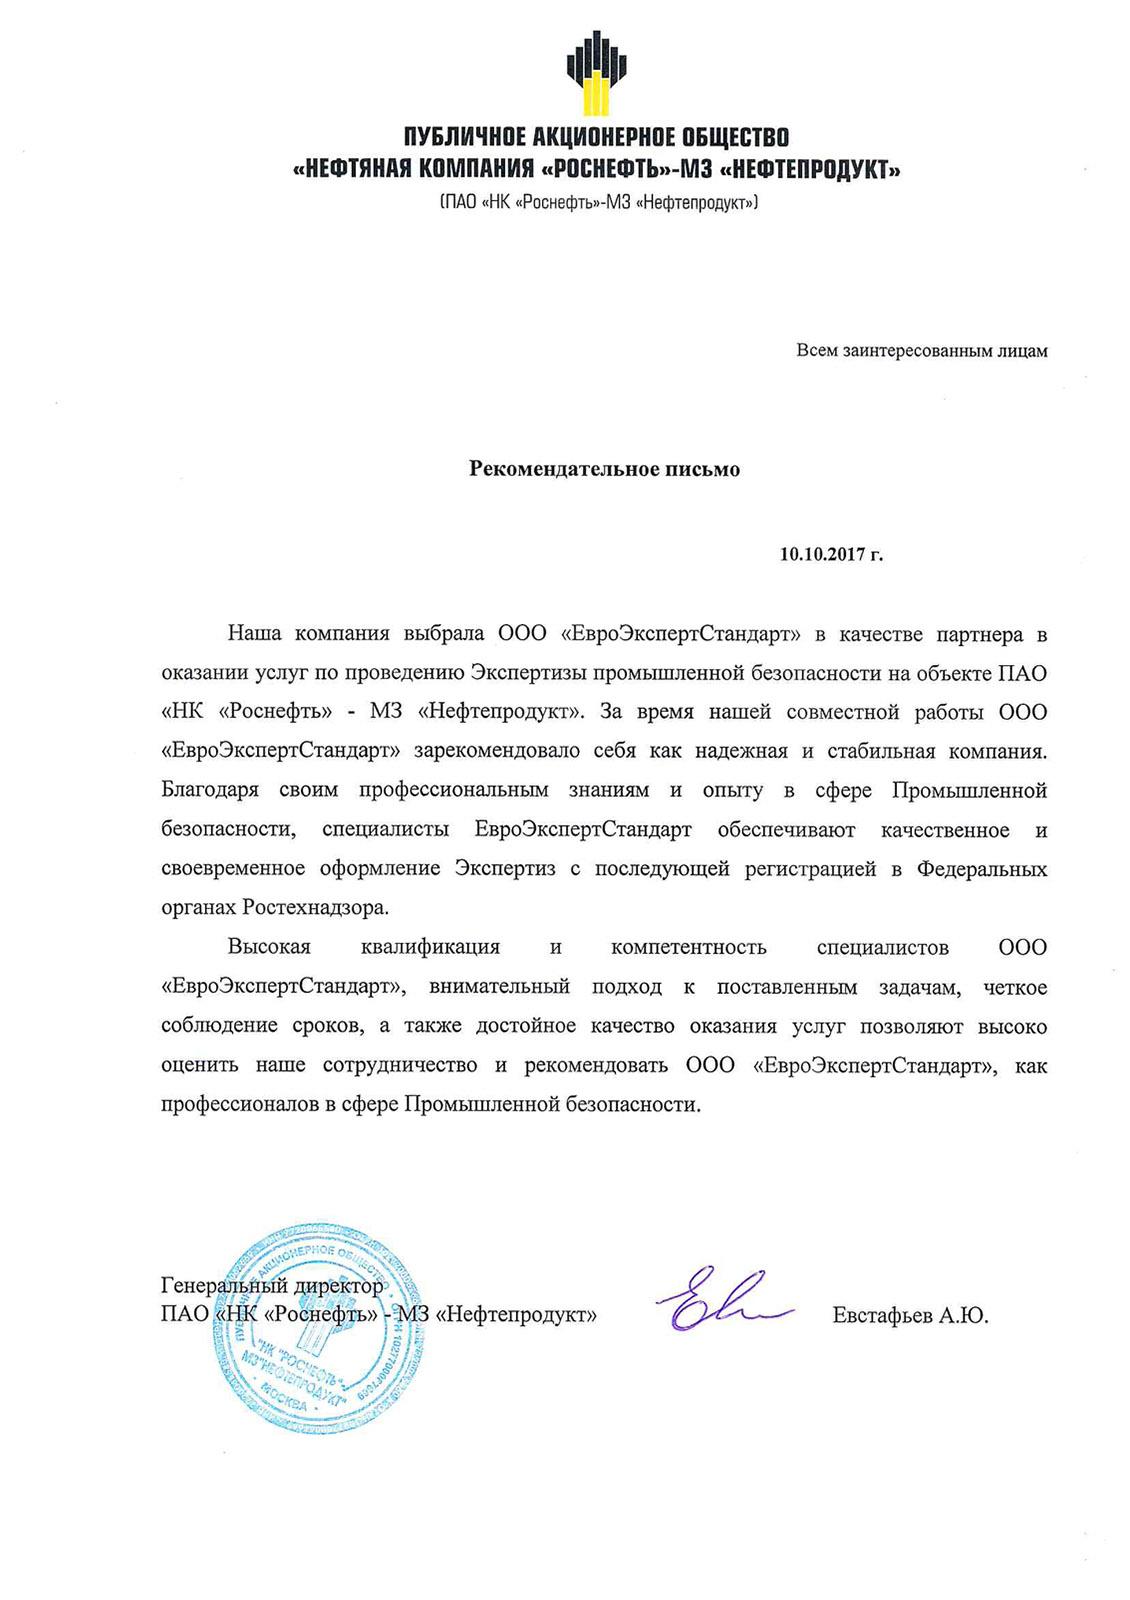 Сертификация услуг по проведению экспертизы сертификация оборудования мужская психология